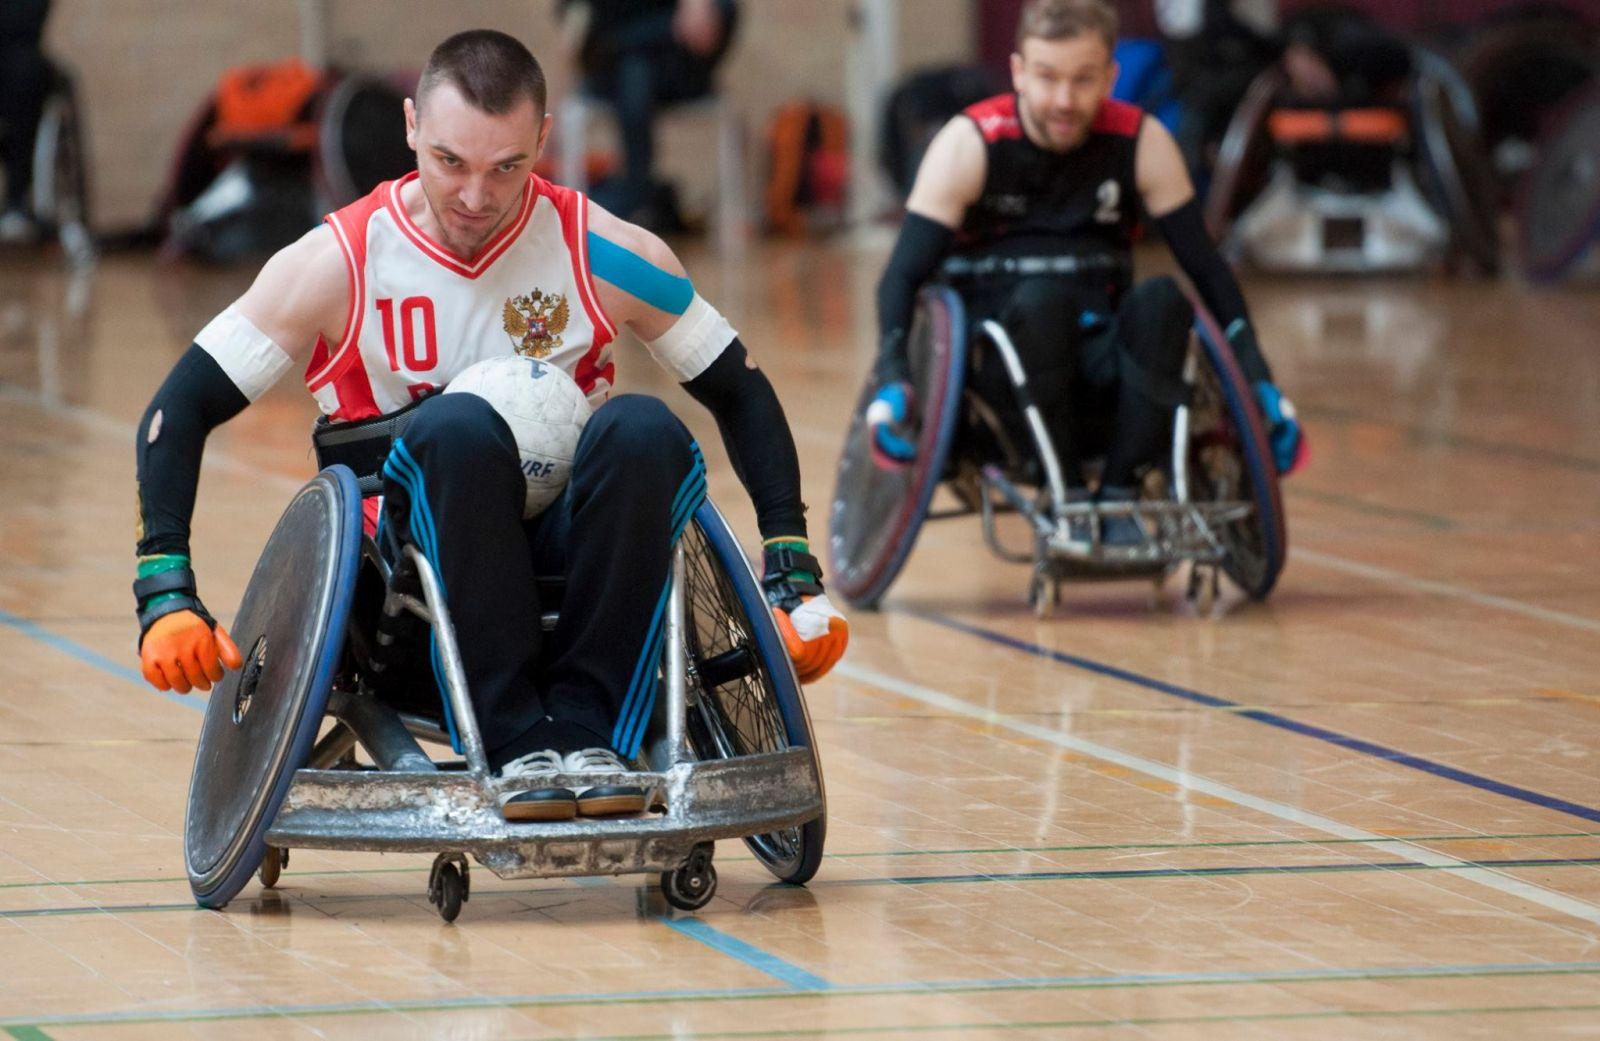 Сборная команда России по регби на колясках приняла участие в международном турнире Egmont Open в Дании